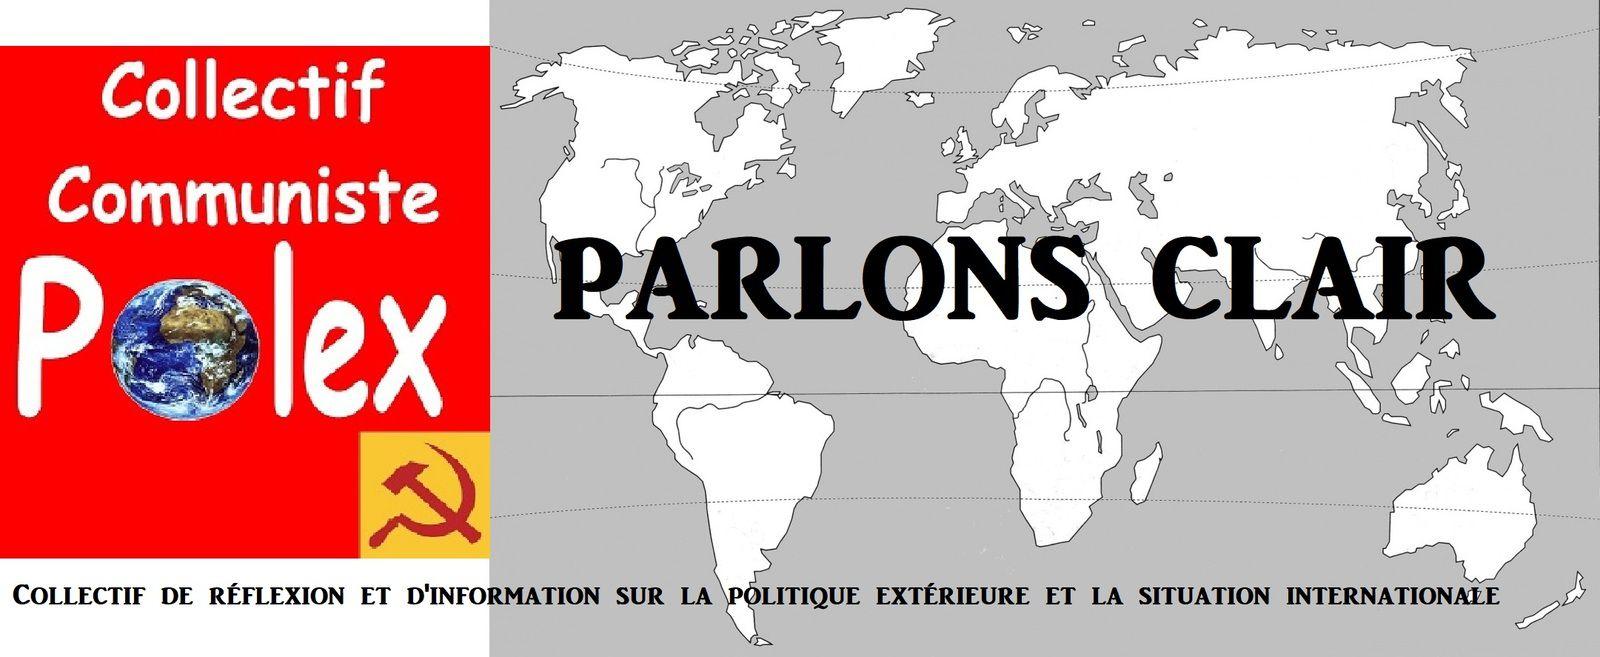 PARLONS CLAIR (Collectif communiste Polex) de novembre 2020 : sommaire et  articles - Action communiste